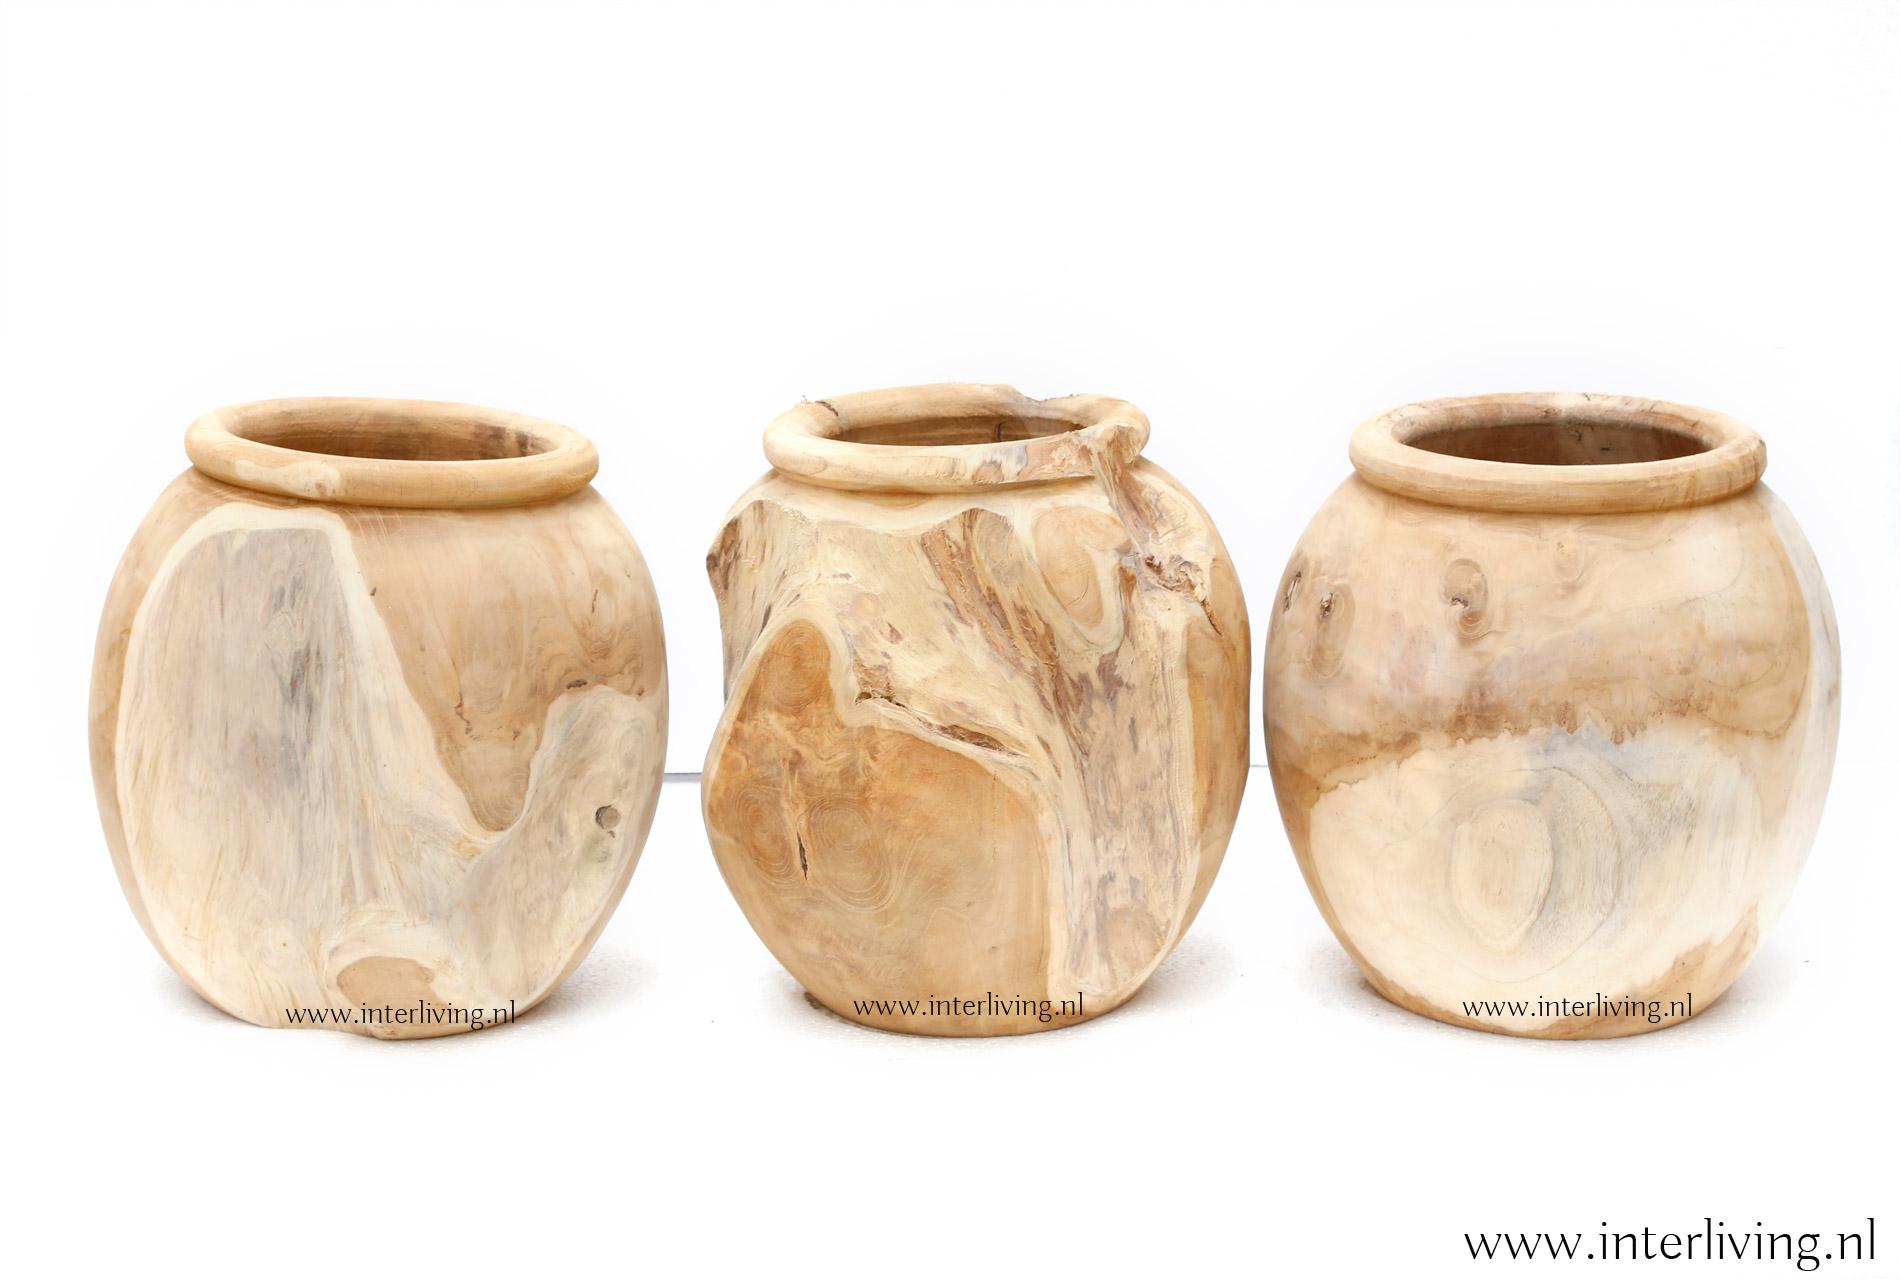 teakhouten ronde pot - opbergpot uit Indonesië / Bali styling voor je huis en interieur